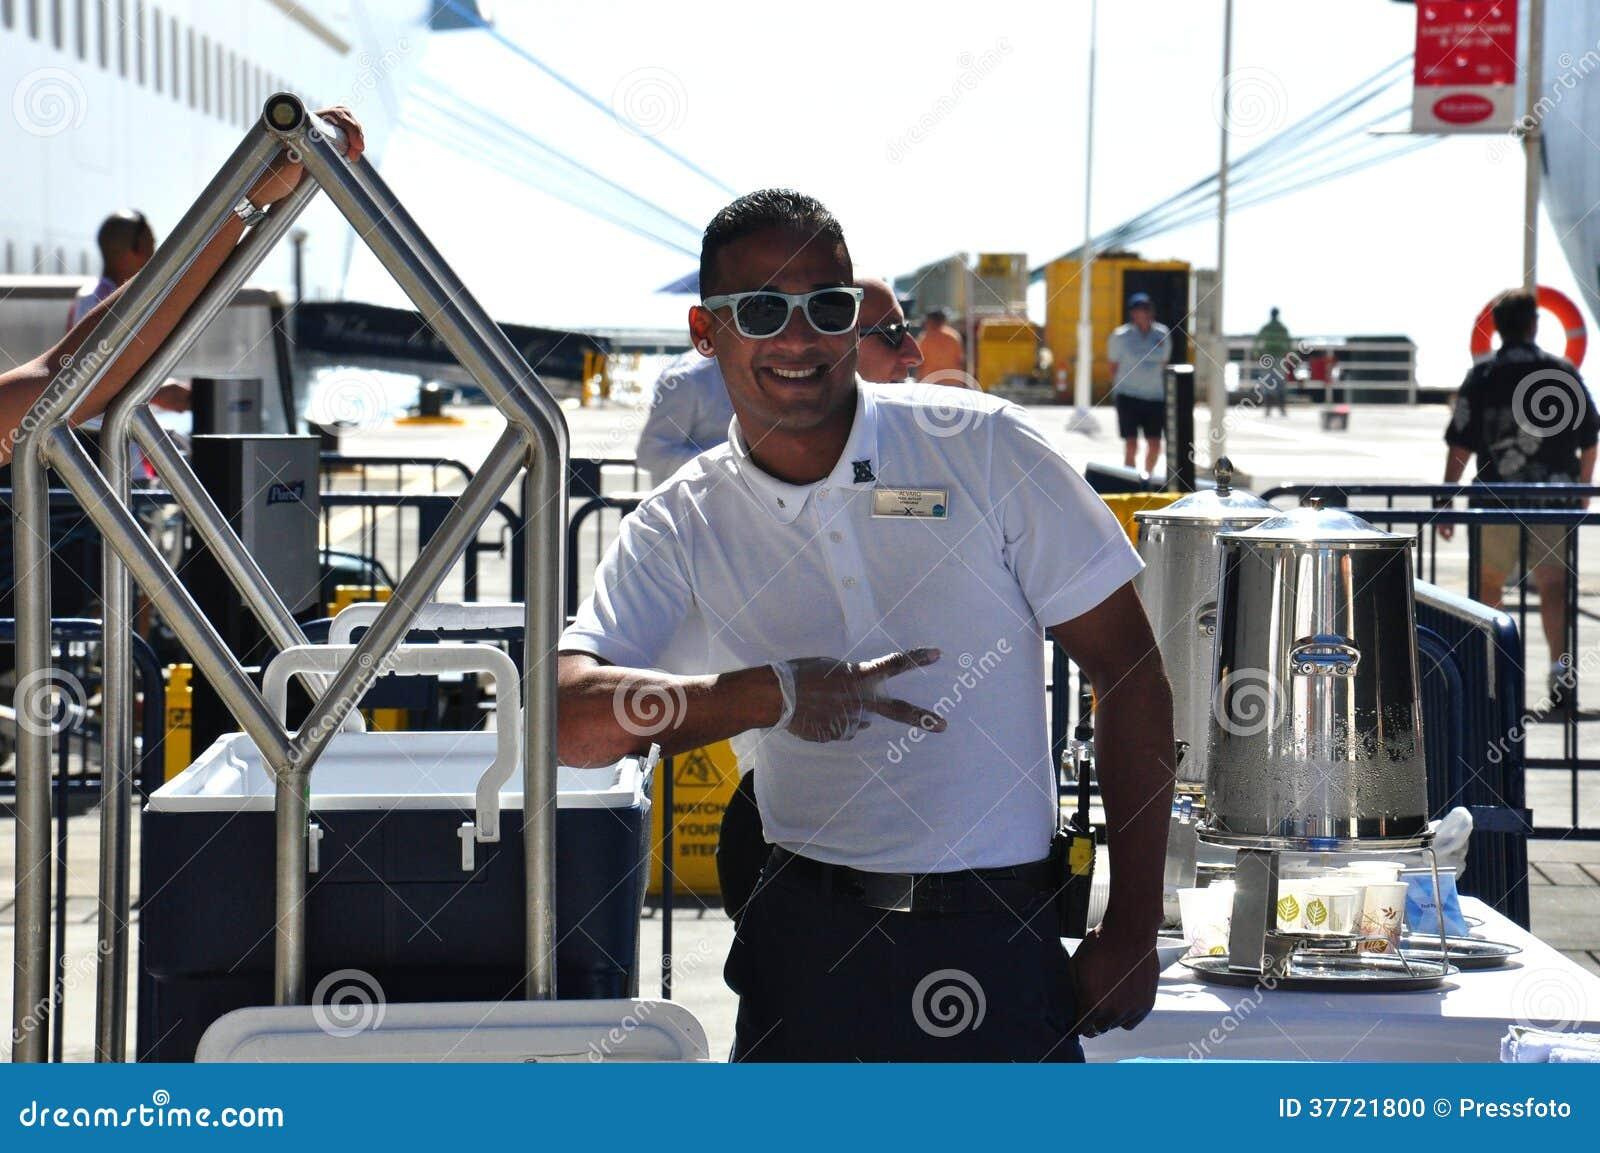 26 Original Cruise Ship Crew Members Fitbudha Com